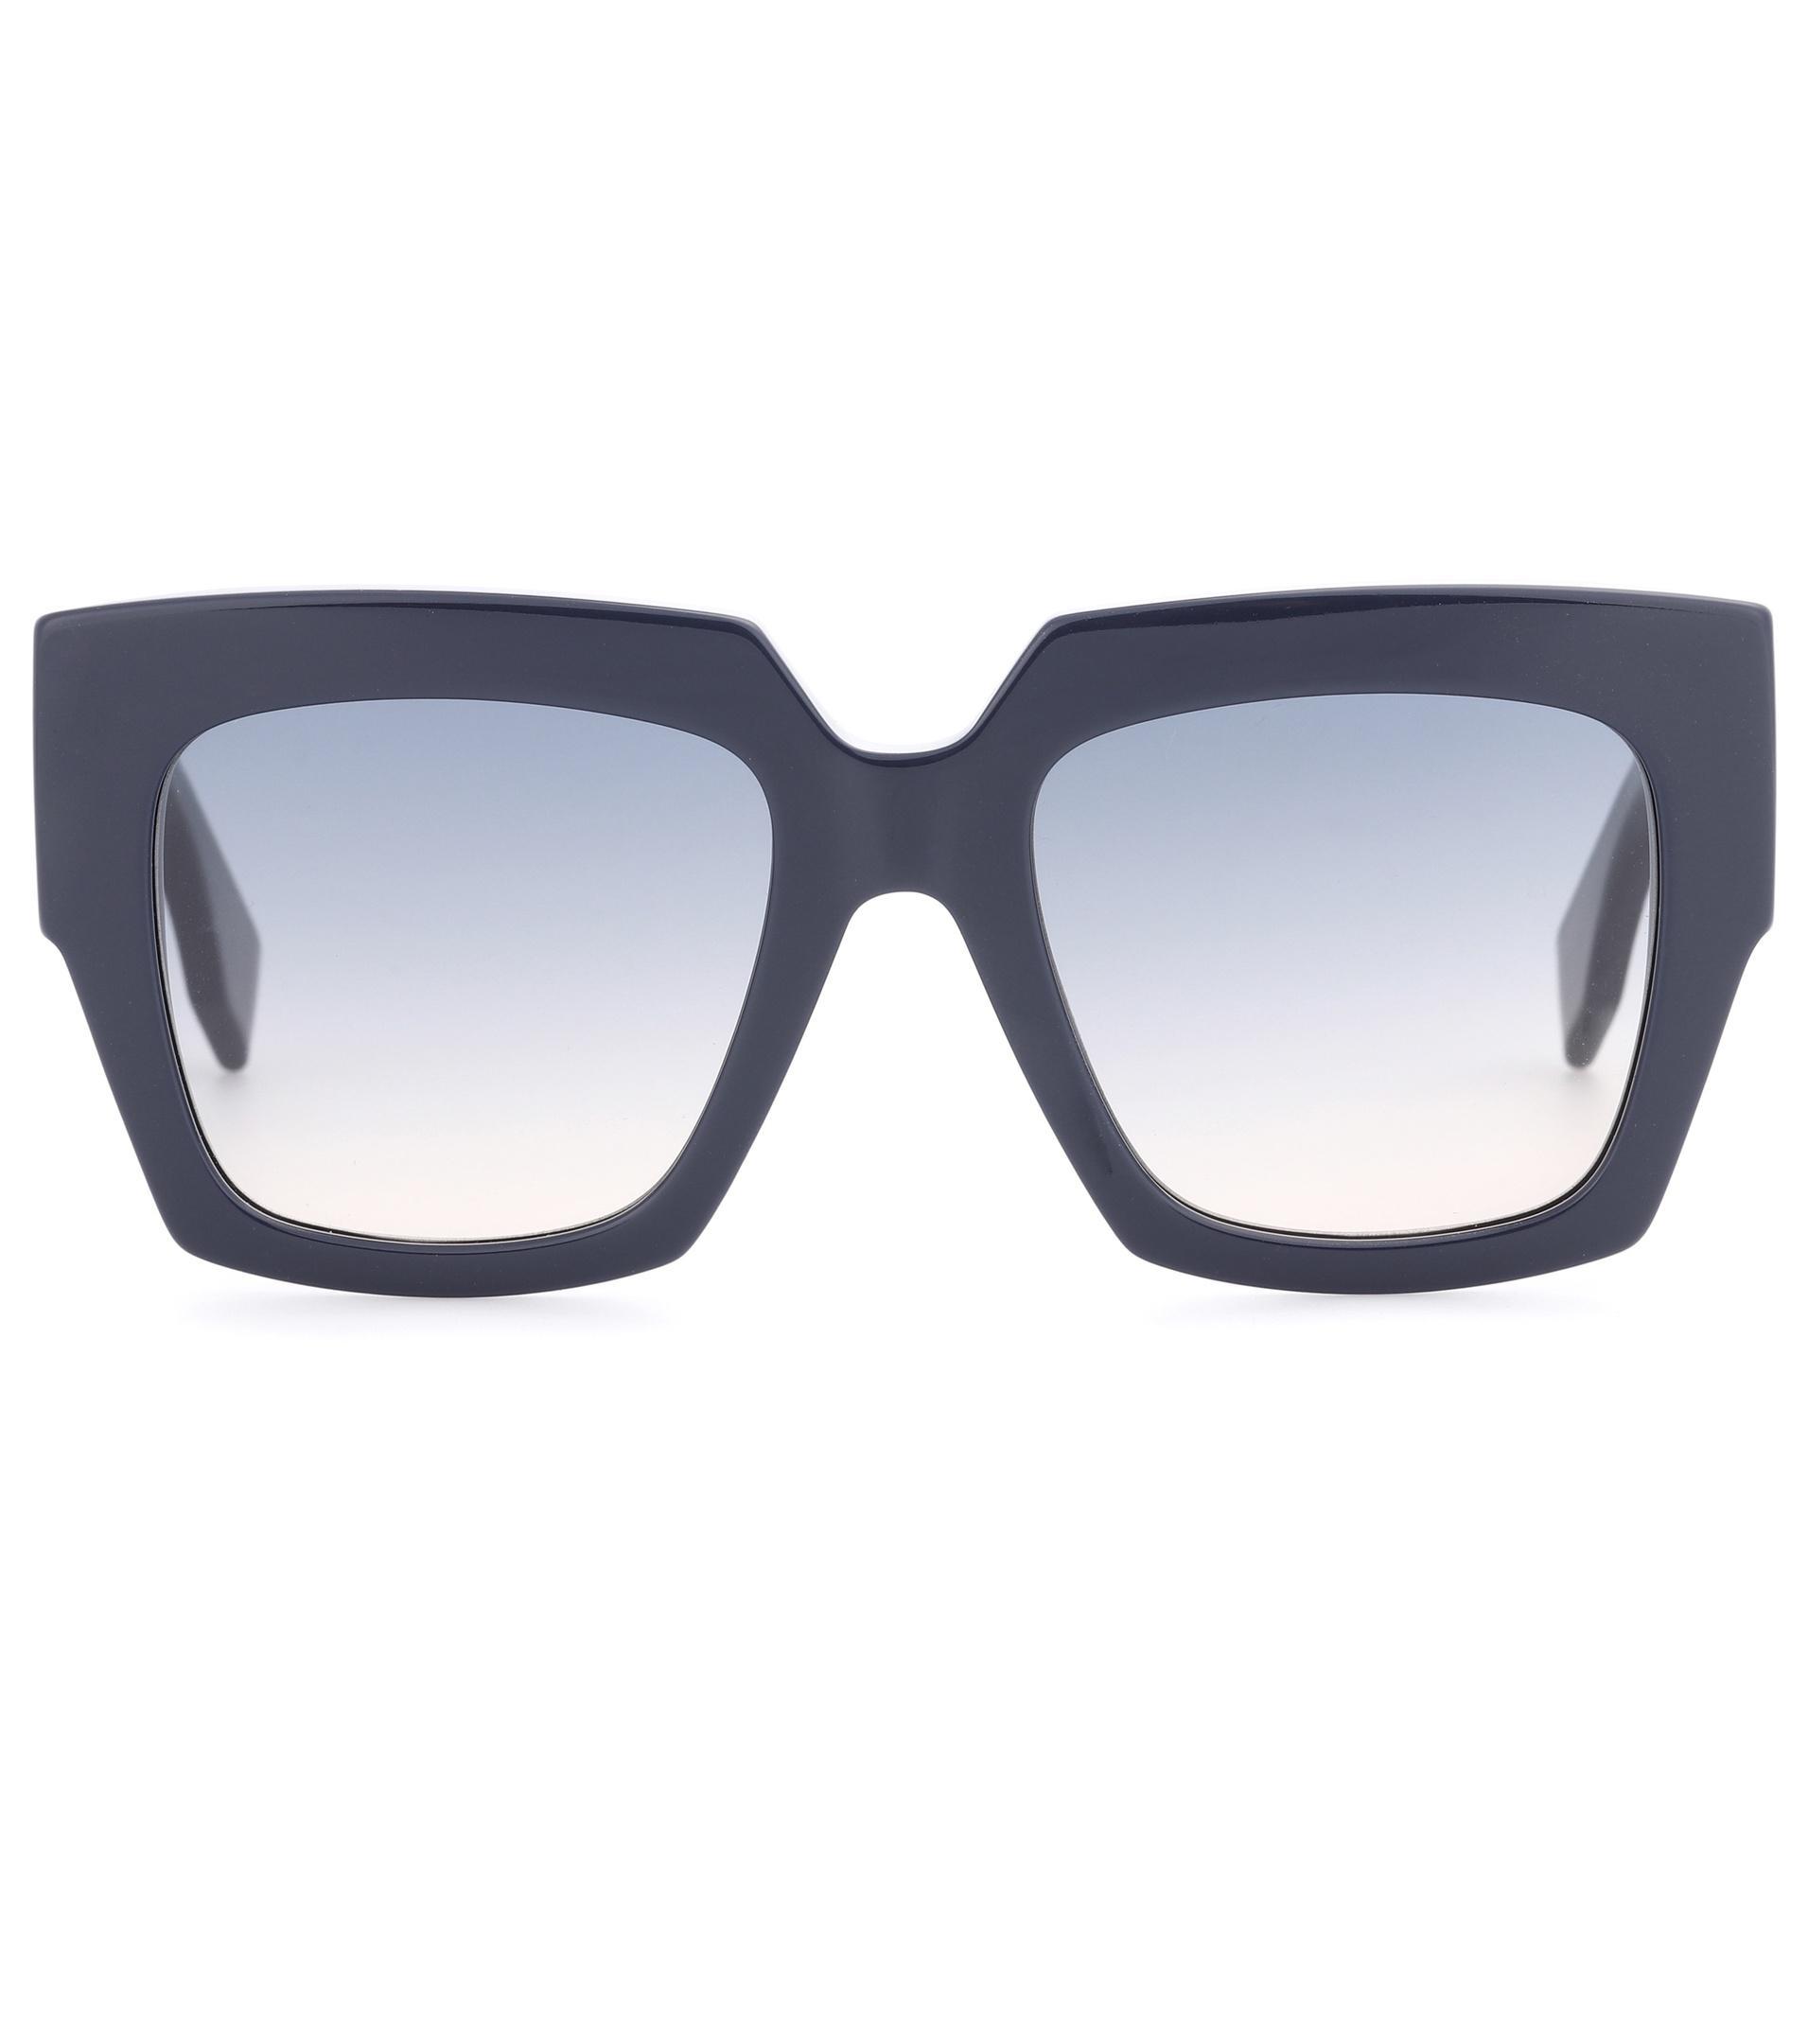 10a26e0542309 Fendi Facets Oversized Square Sunglasses in Blue - Lyst